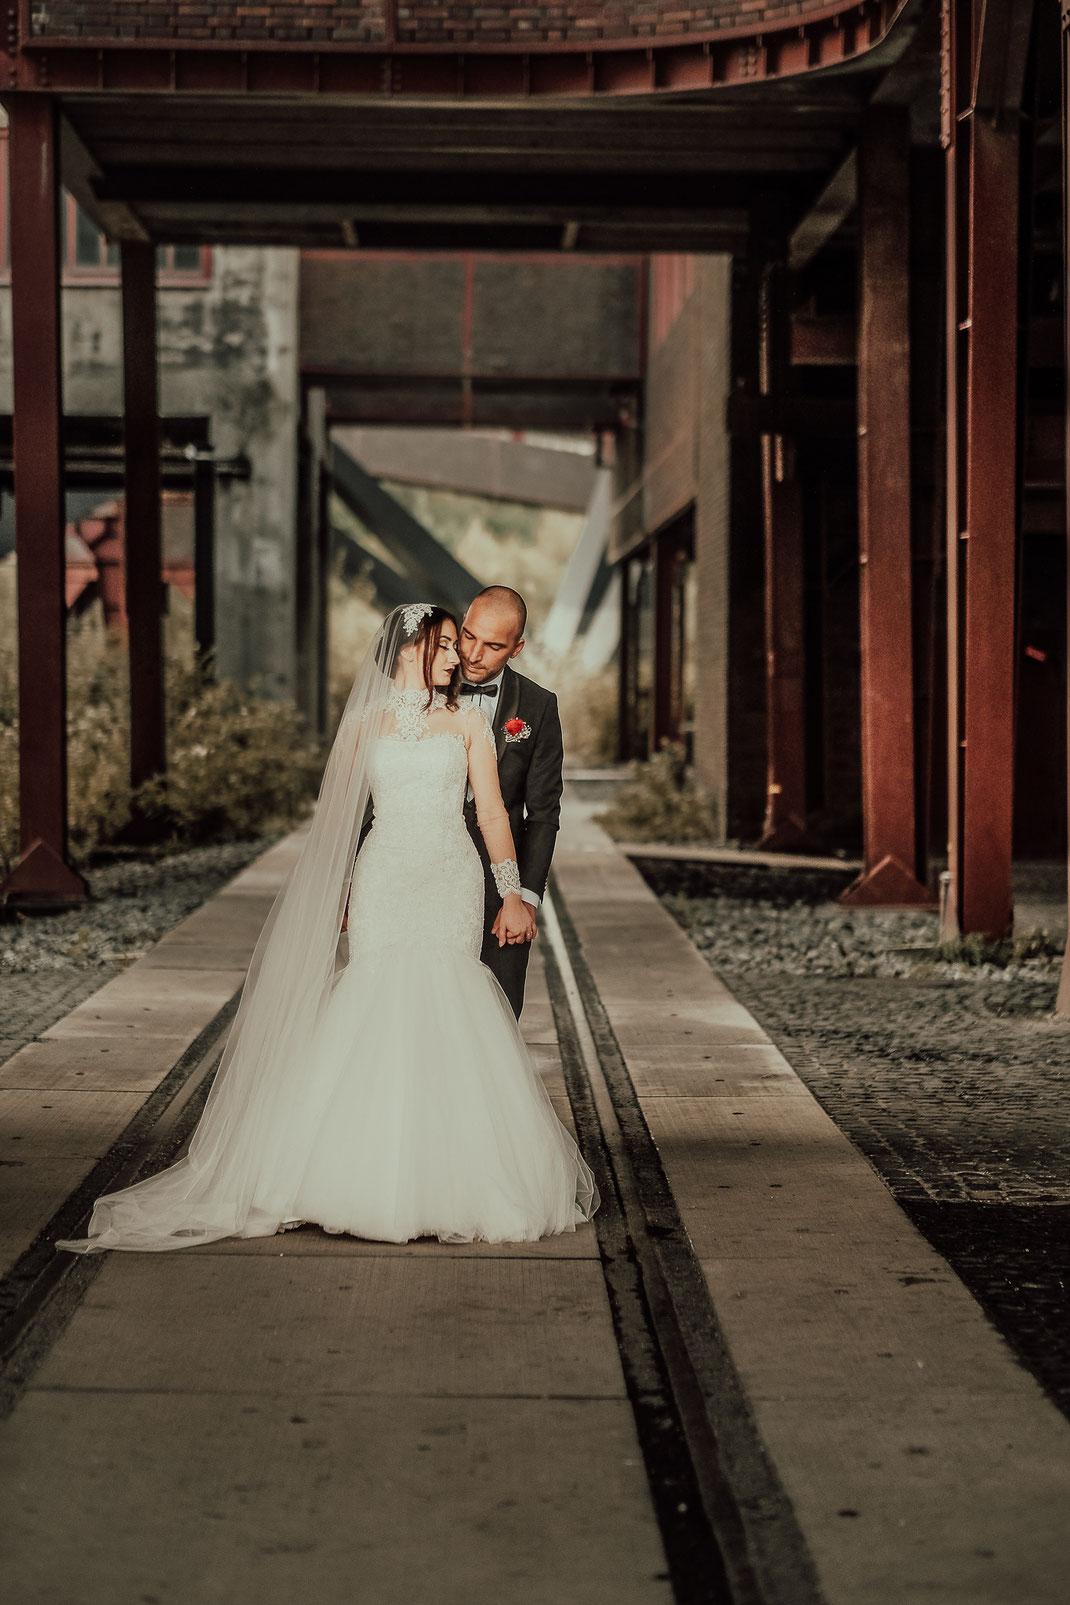 Hochzeitsfotograf Duisburg, Hochzeitsfotografie auf Zeche Zollverein in Essen